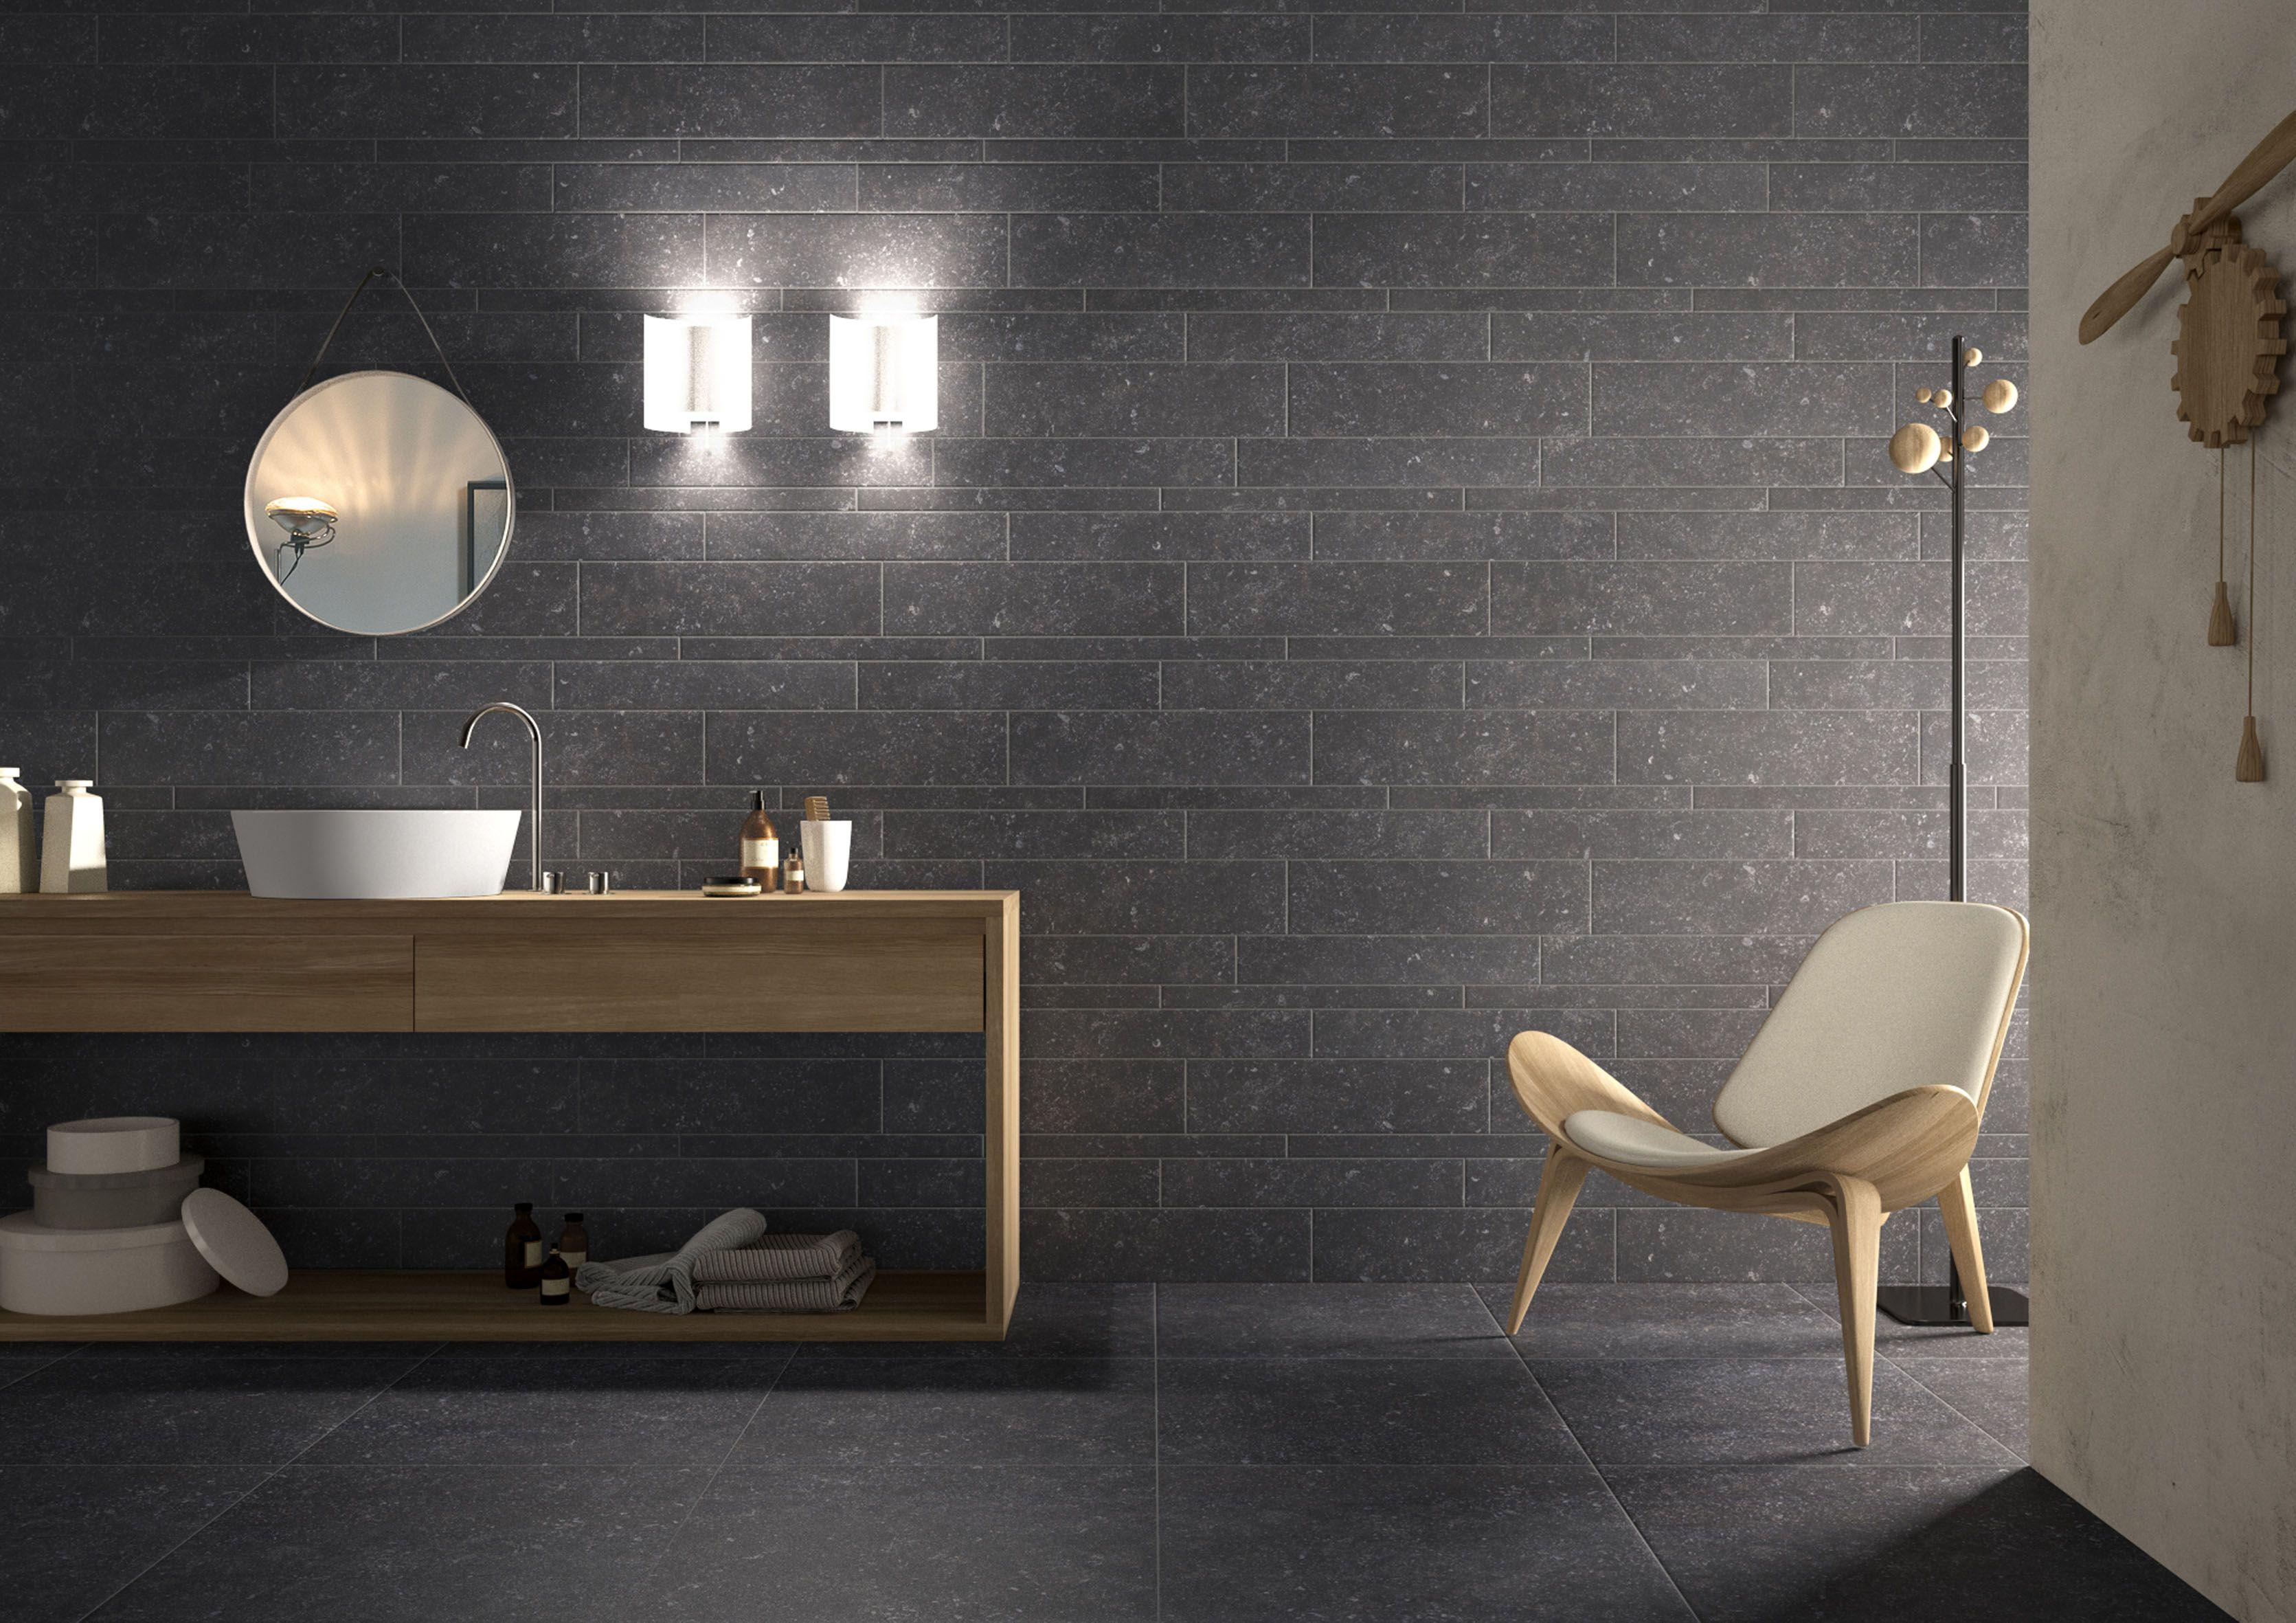 Bagno pietra legno chiaro  Bagno sotto  Bathroom flooring Bathroom e Dark blue bathrooms